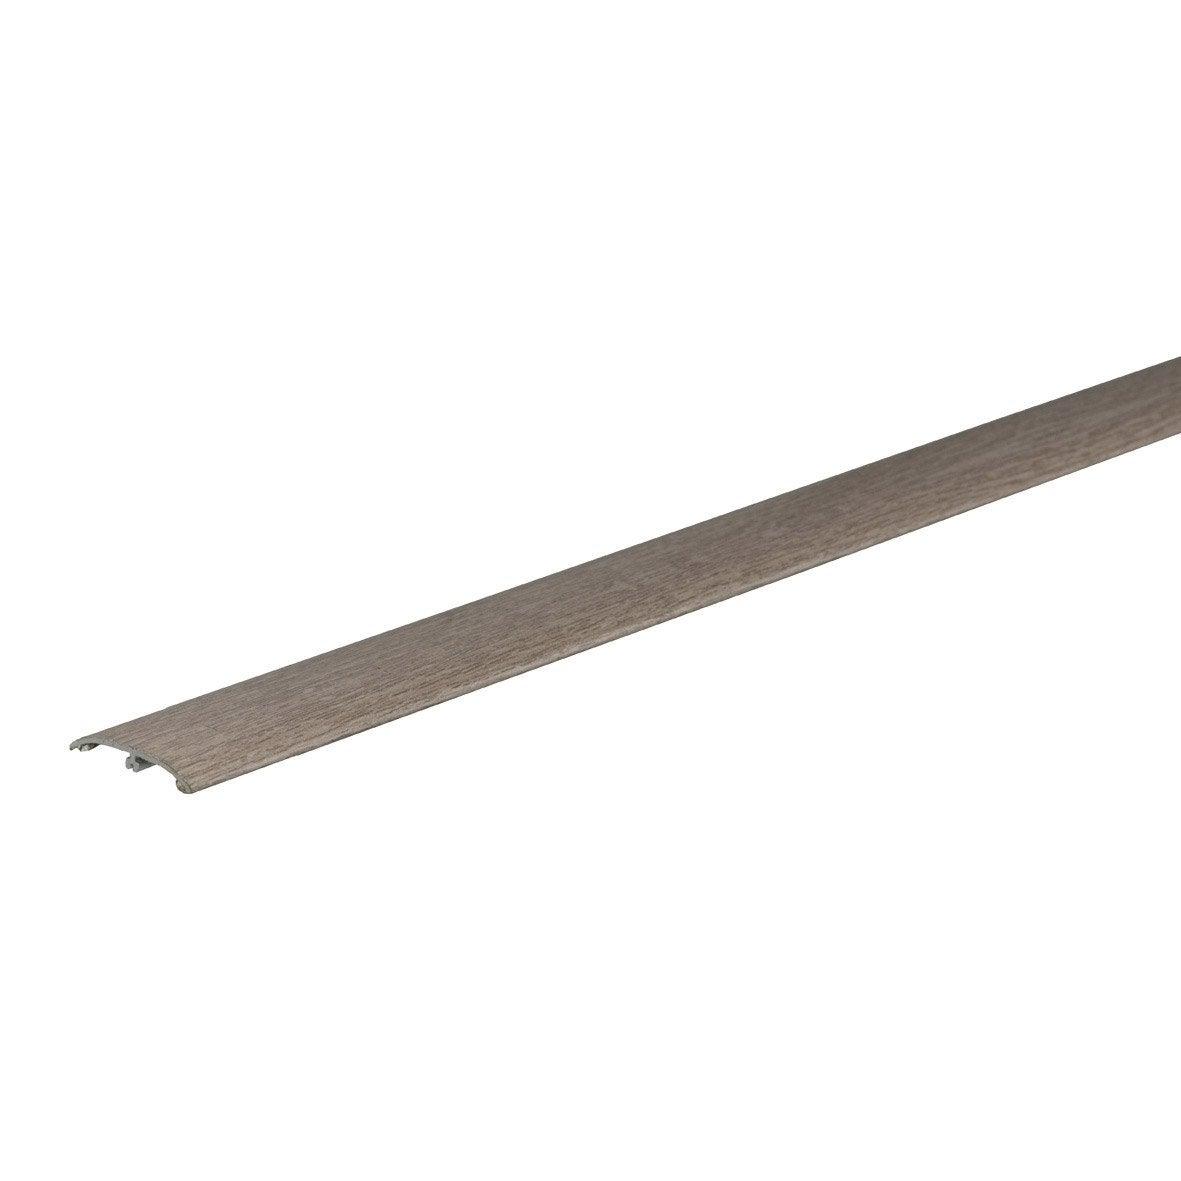 Barre de seuil 3 en 1 pour sol stratifi d cor sardaigne for Barre de seuil pour carrelage